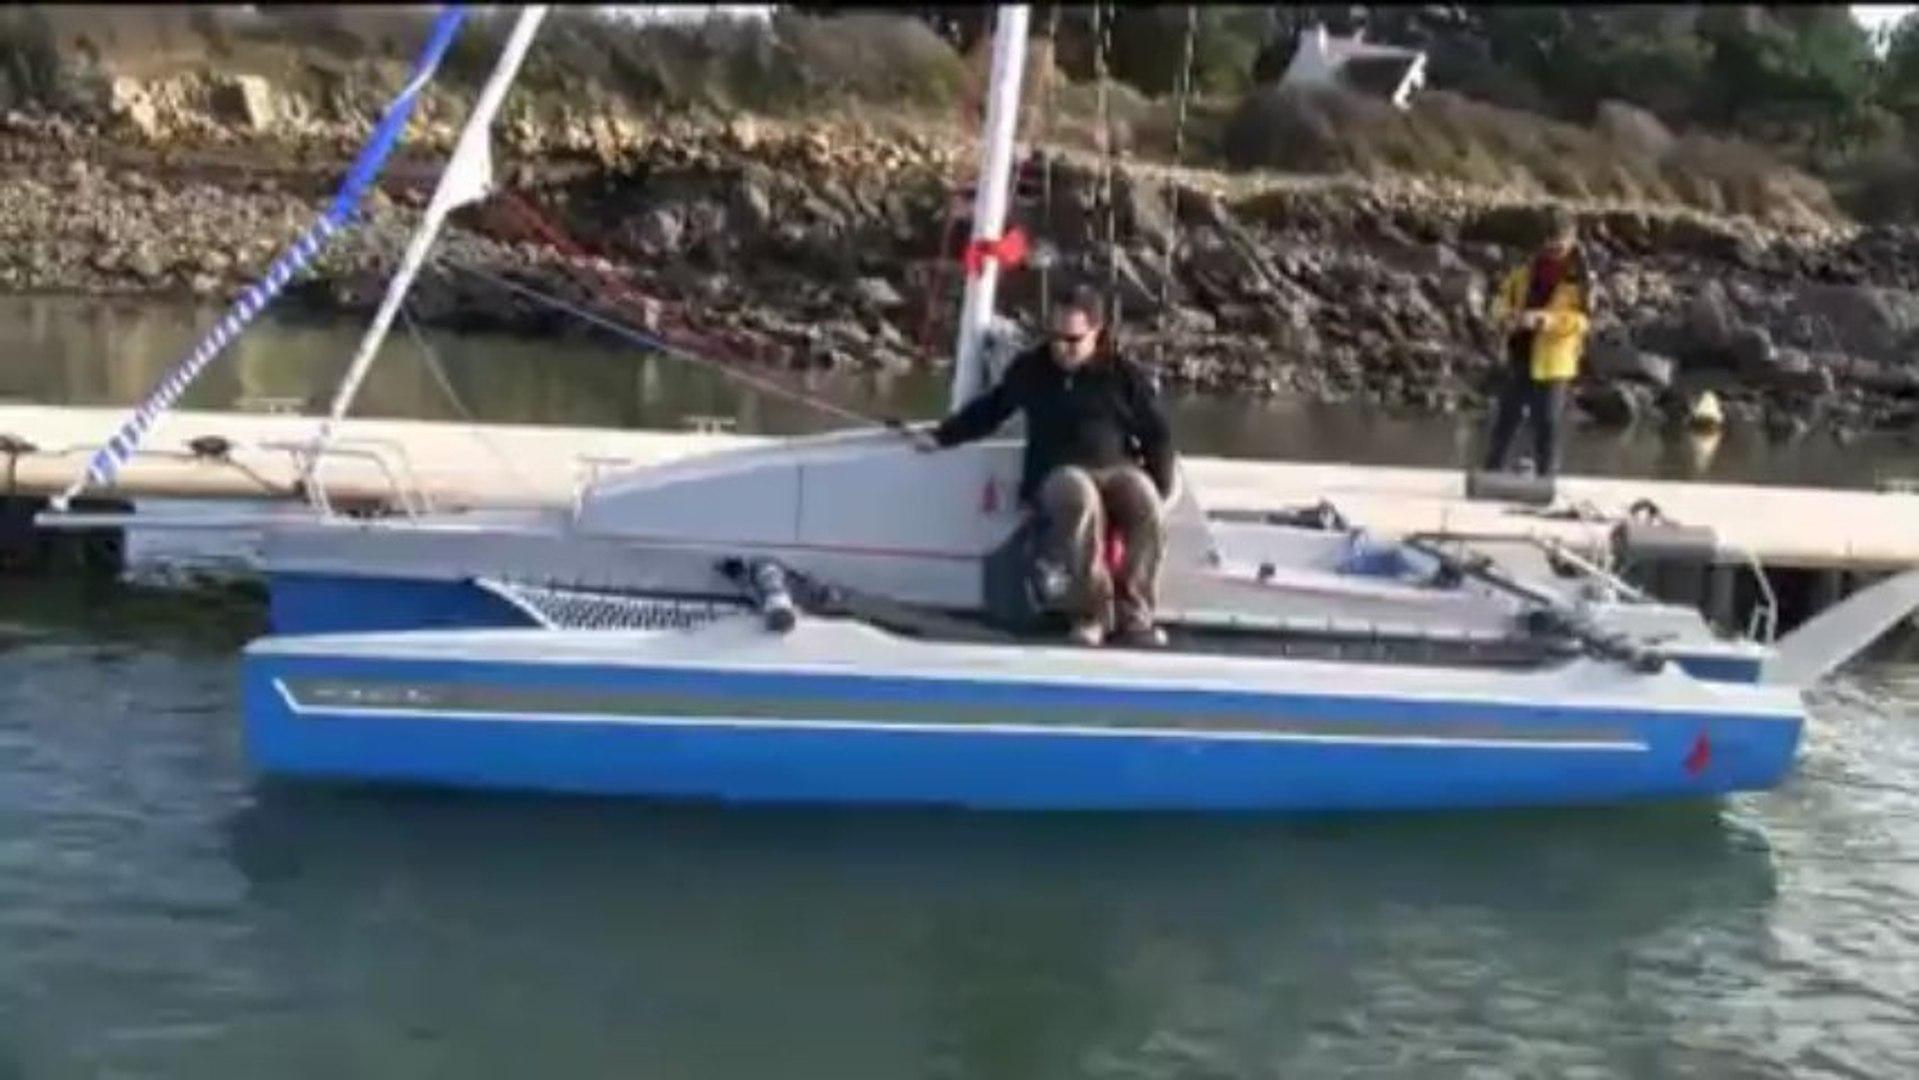 Astus 20.2 XL ouverture des flotteurs sur l'eau